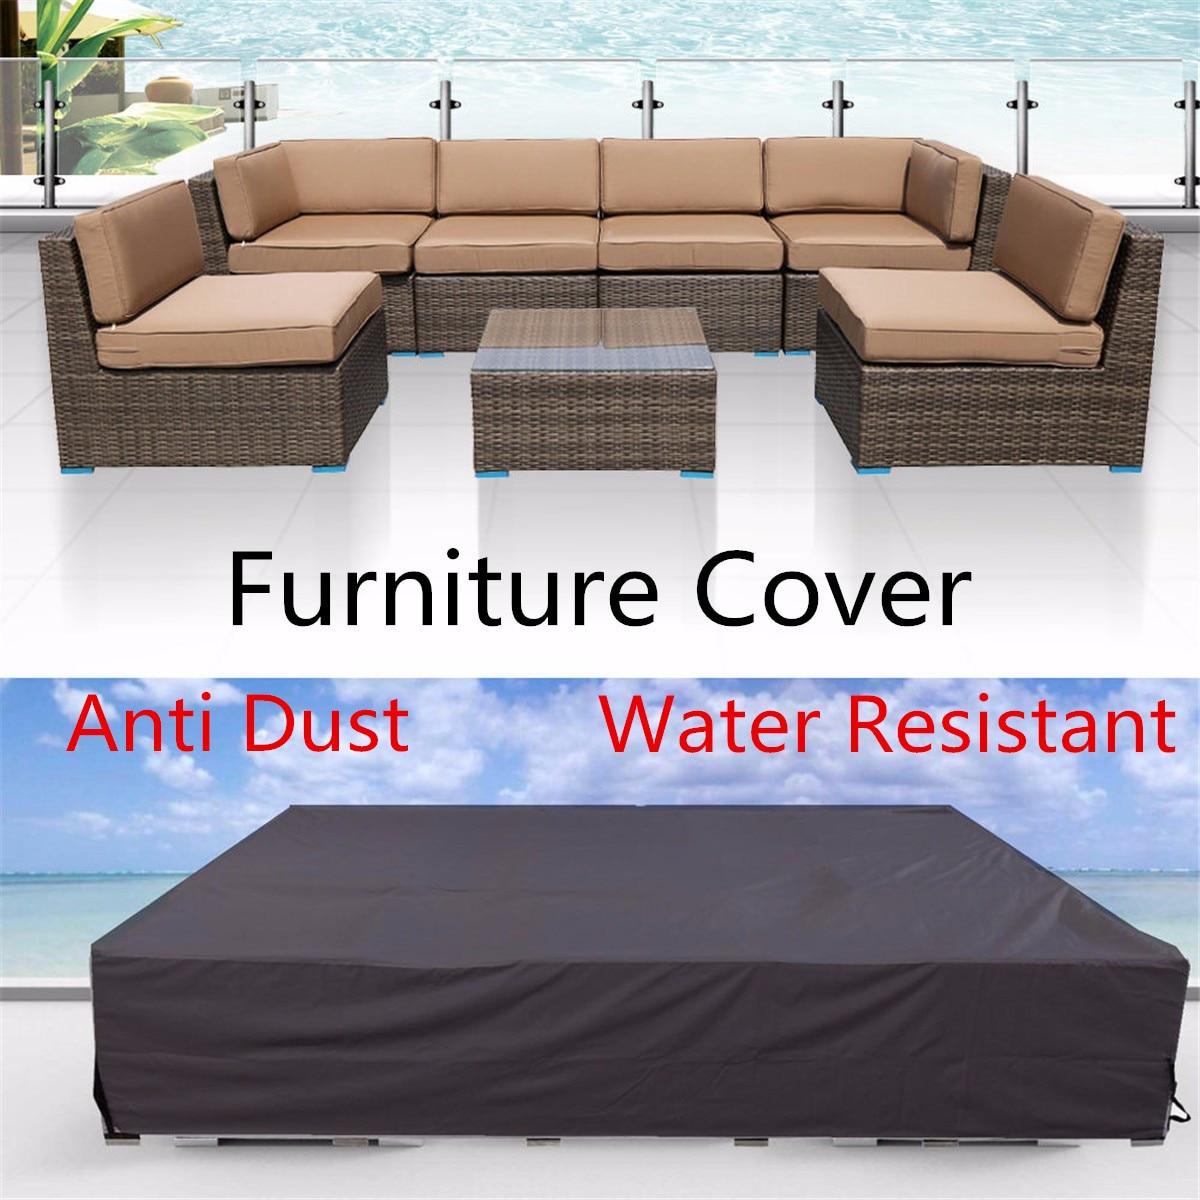 Heavy Outdoor Furniture Cover Waterproof Patio Garden